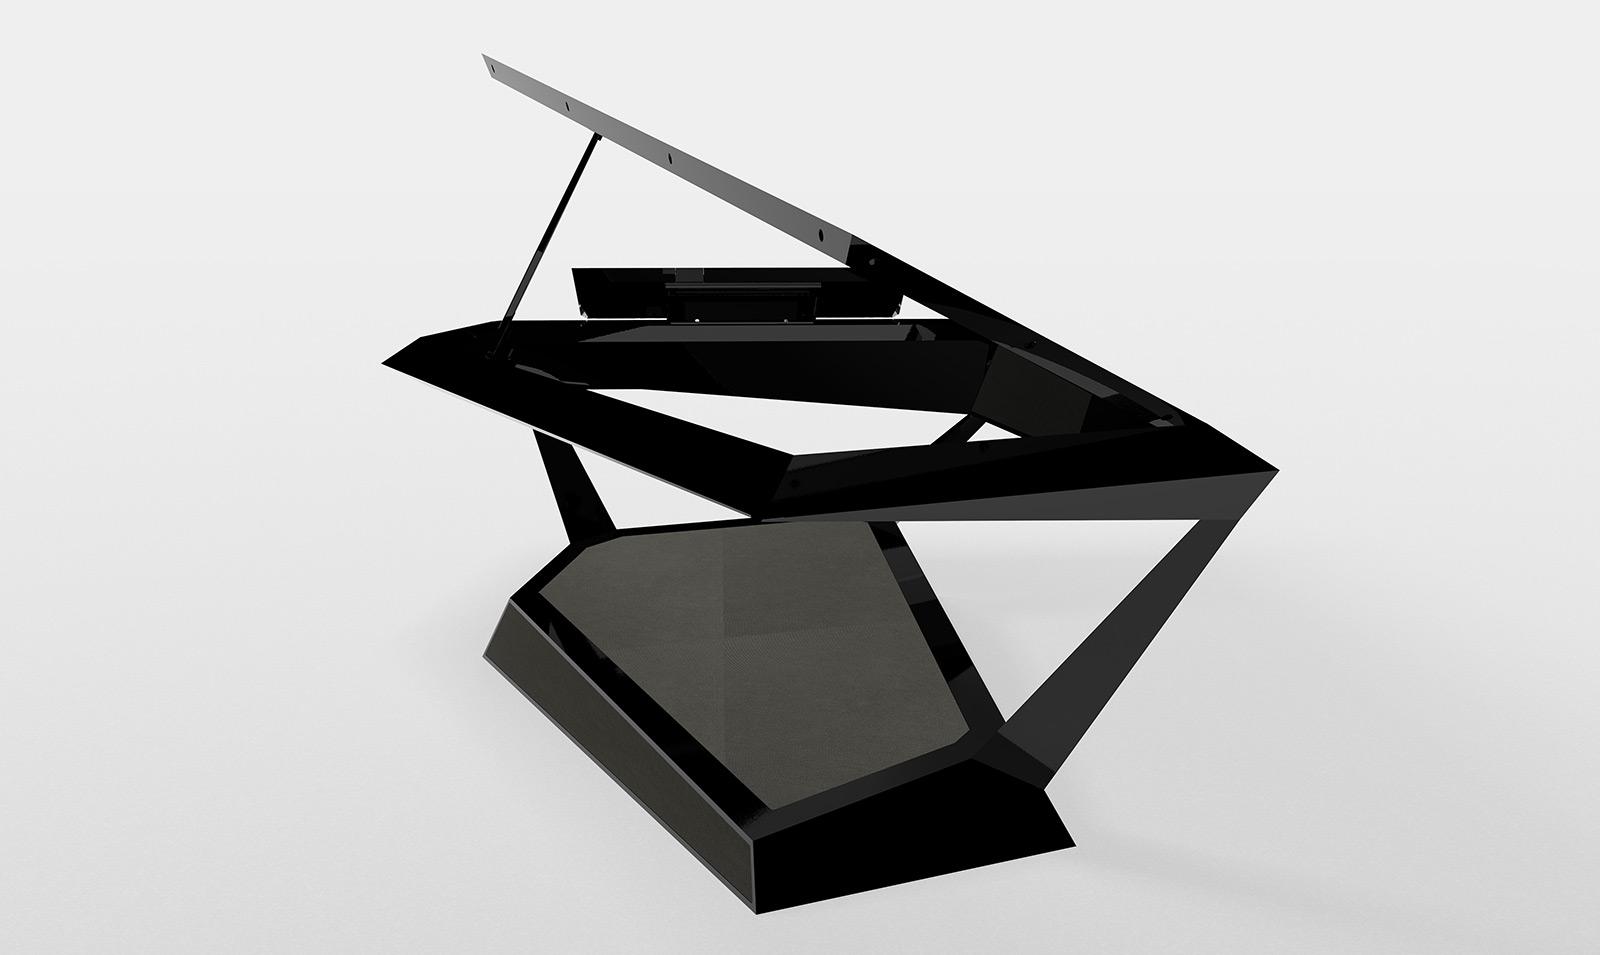 Концепт пианино будущего Roland GPX-F1 Facet Grand Piano